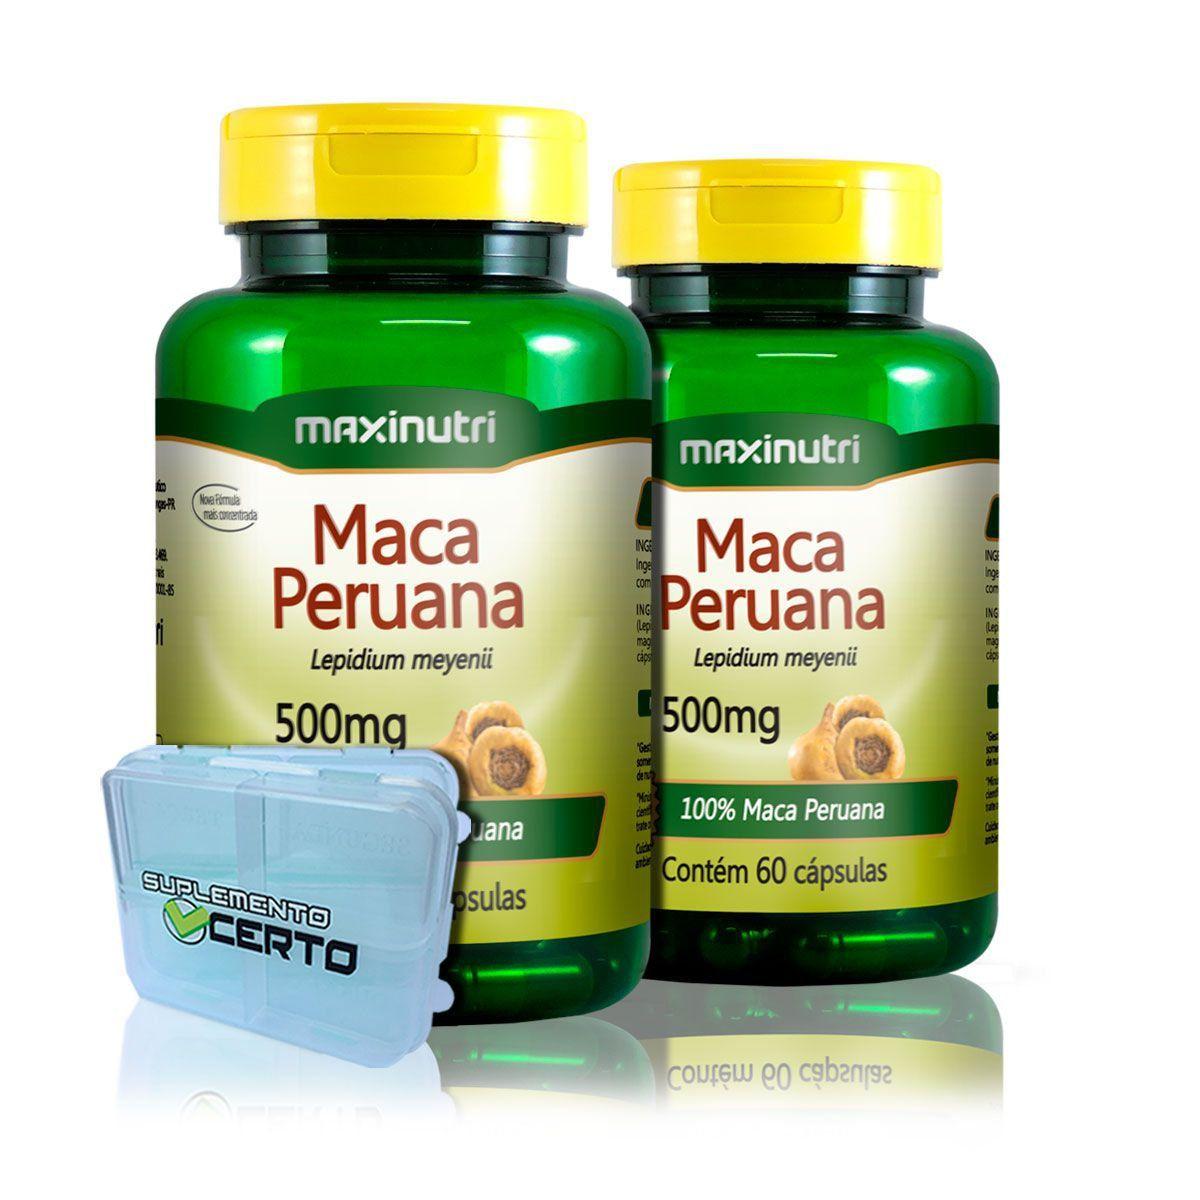 Combo 2x Maca Peruana 500mg 60 Caps + Porta Caps - Maxinutri